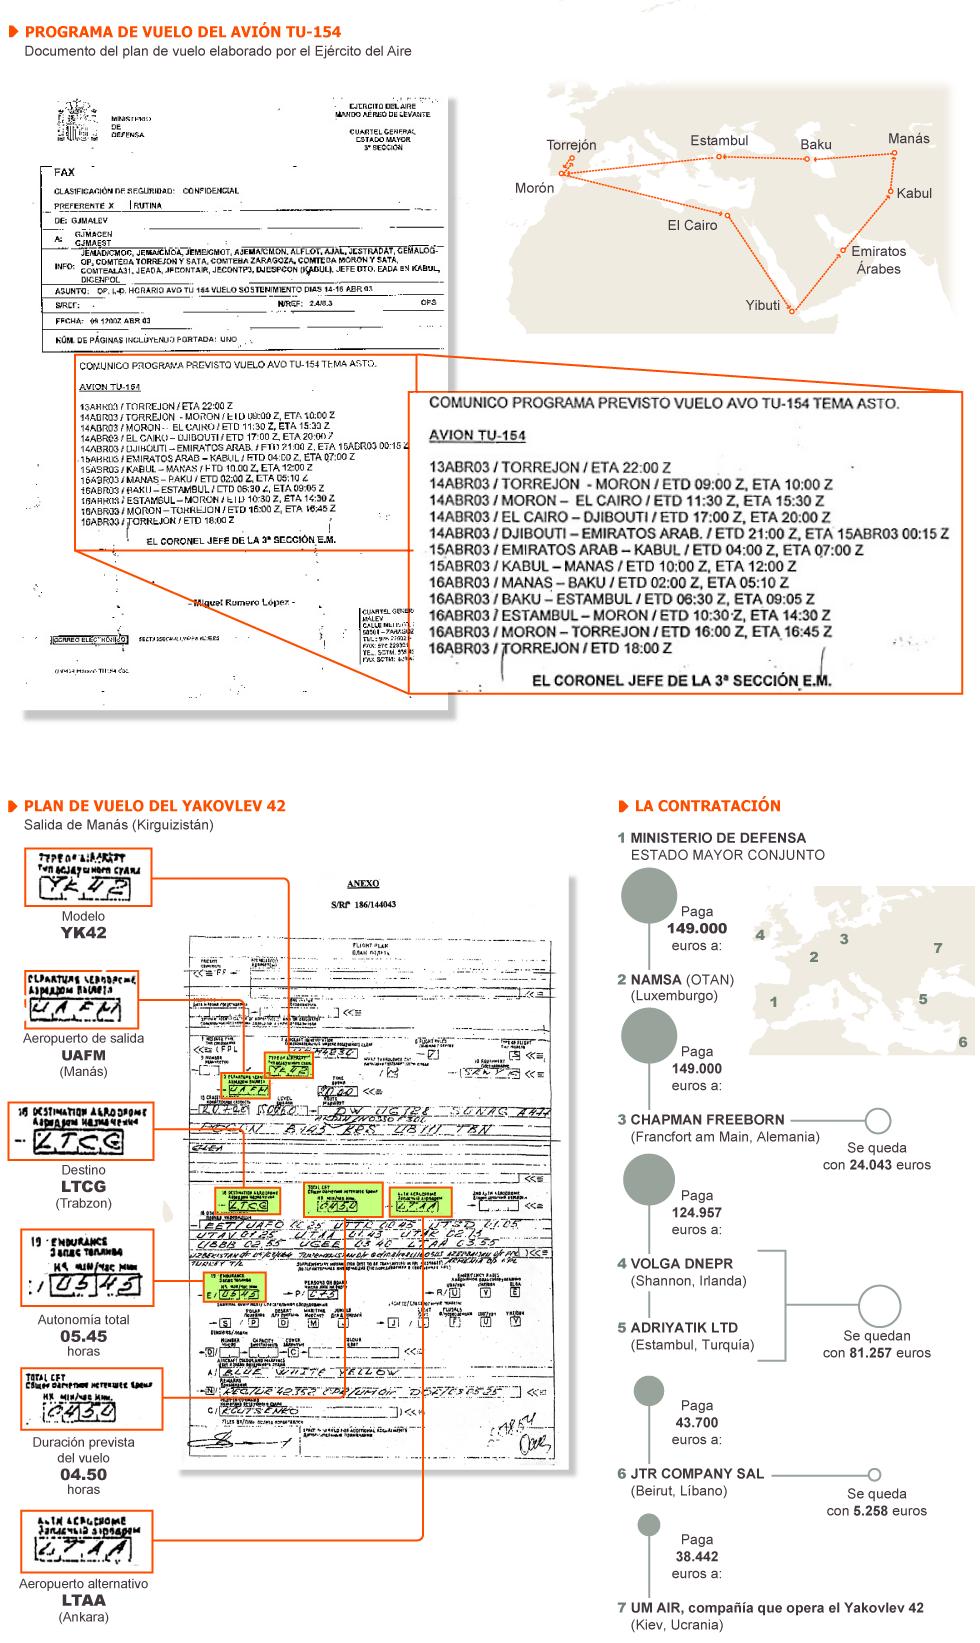 Programa del vuelo del avión TU-154 - GRAFICO -OK